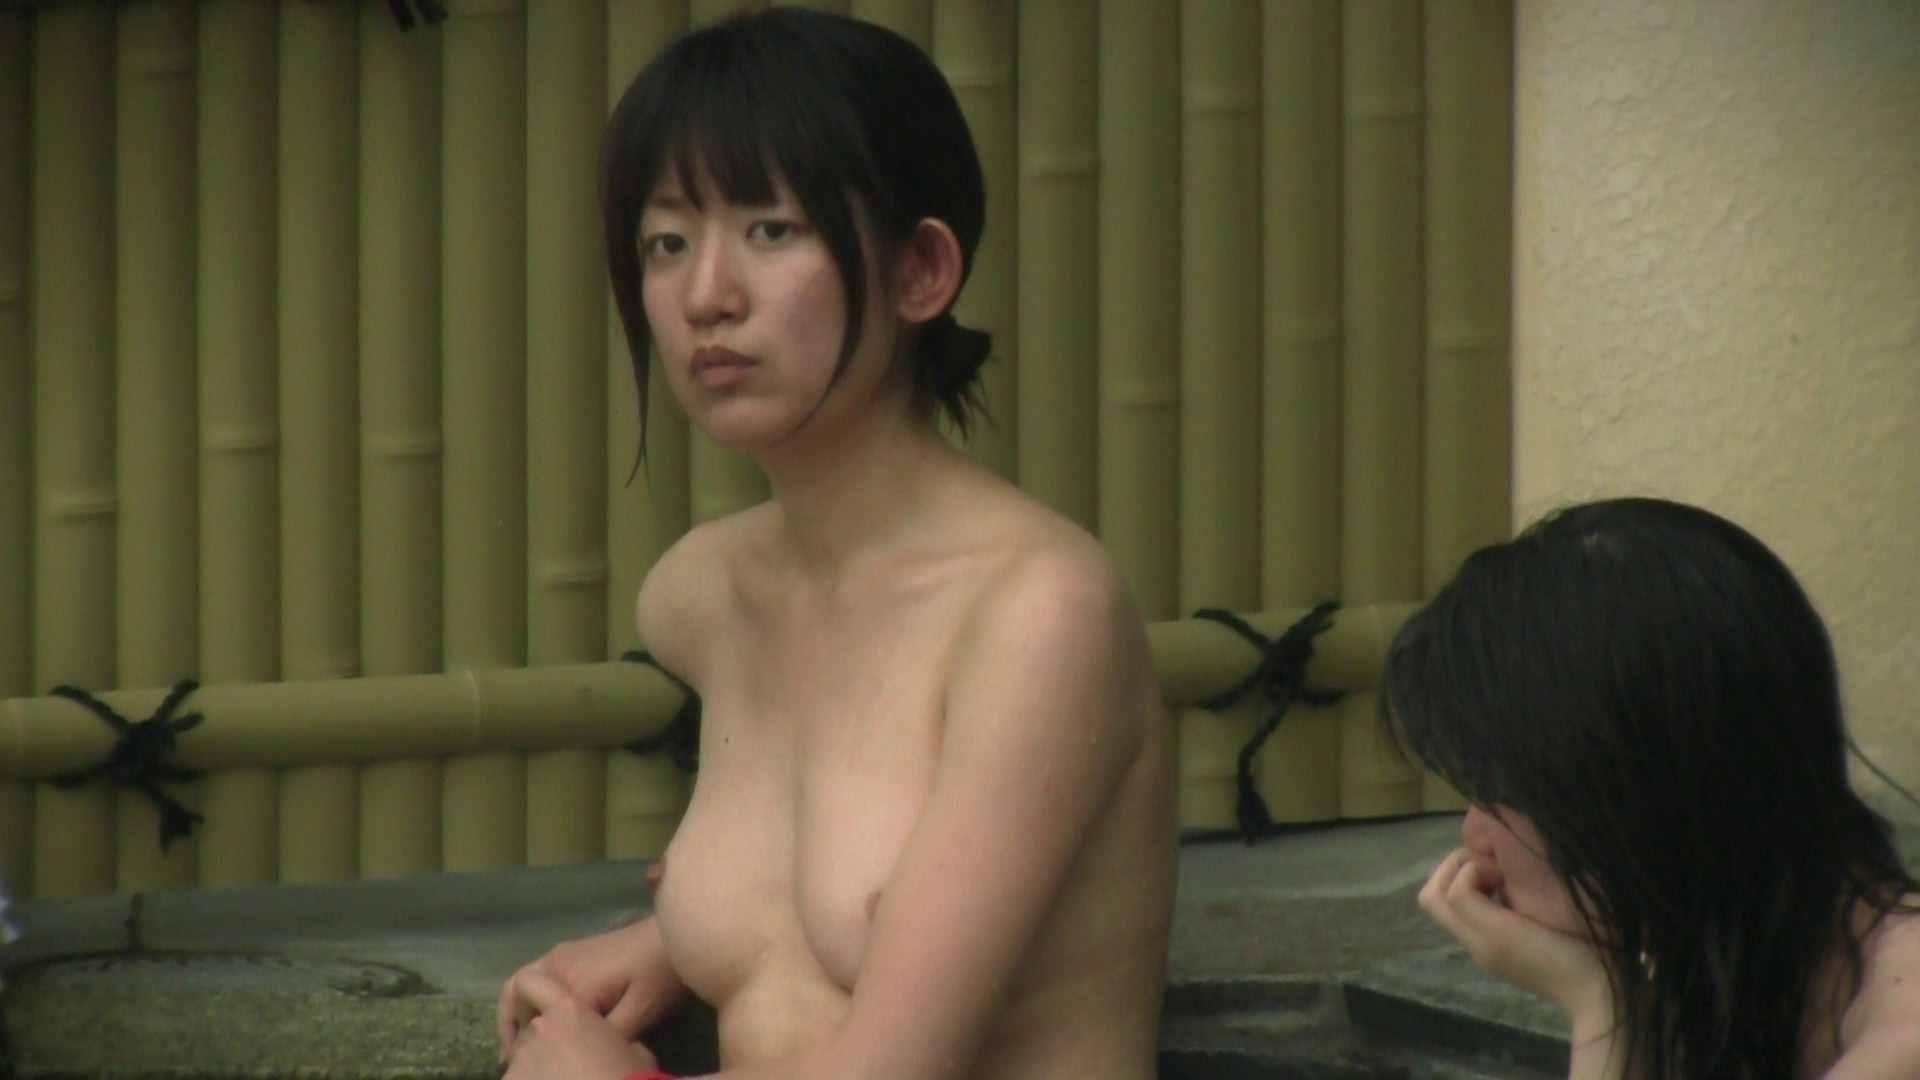 Aquaな露天風呂Vol.144 OLのエロ生活  26連発 3